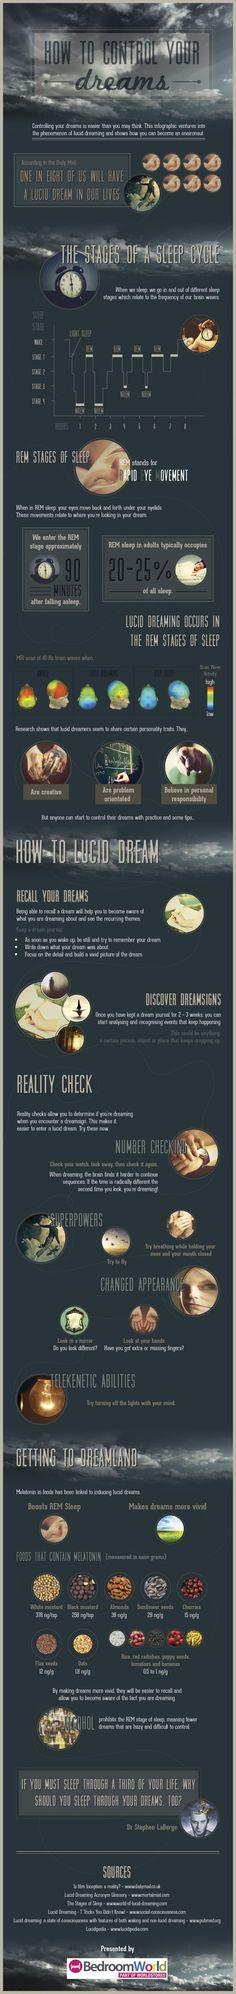 Freakishly cool Infographic.